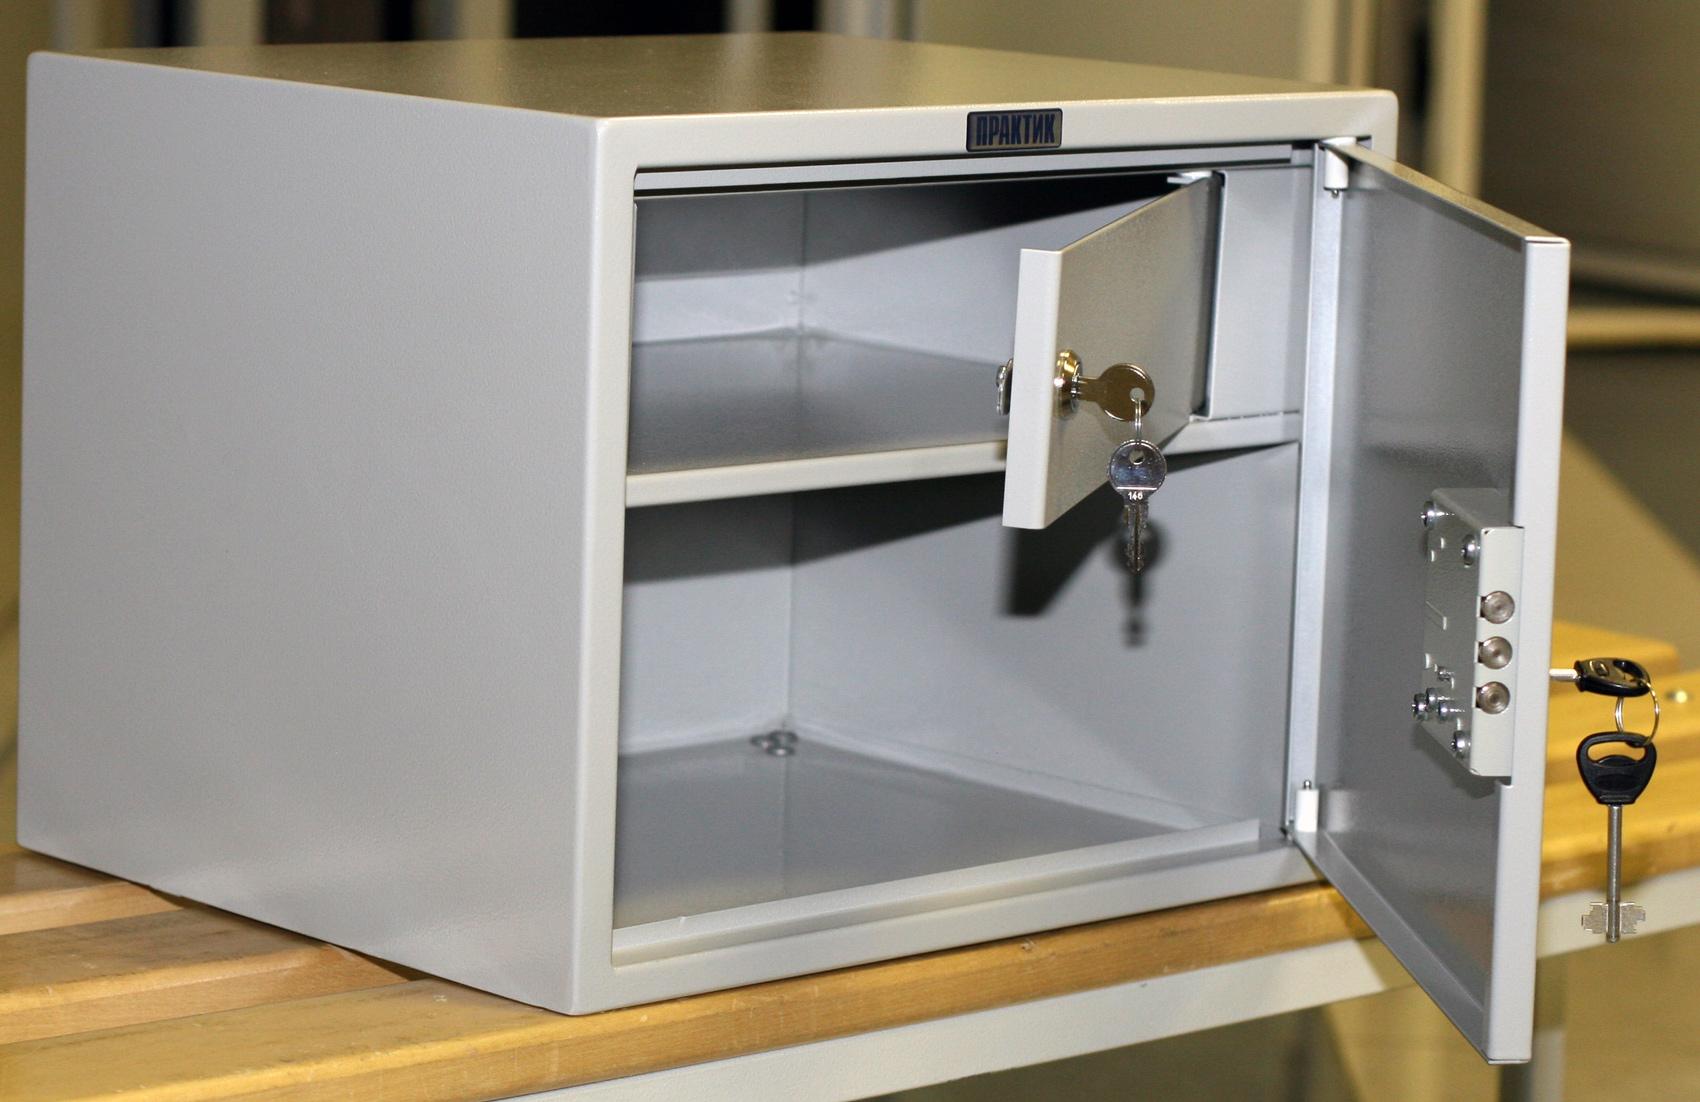 Шкаф бухгалтерский 1 полка+отделение с замком, (320*420*350мм.) метал., замок, серый Практик - фото 2